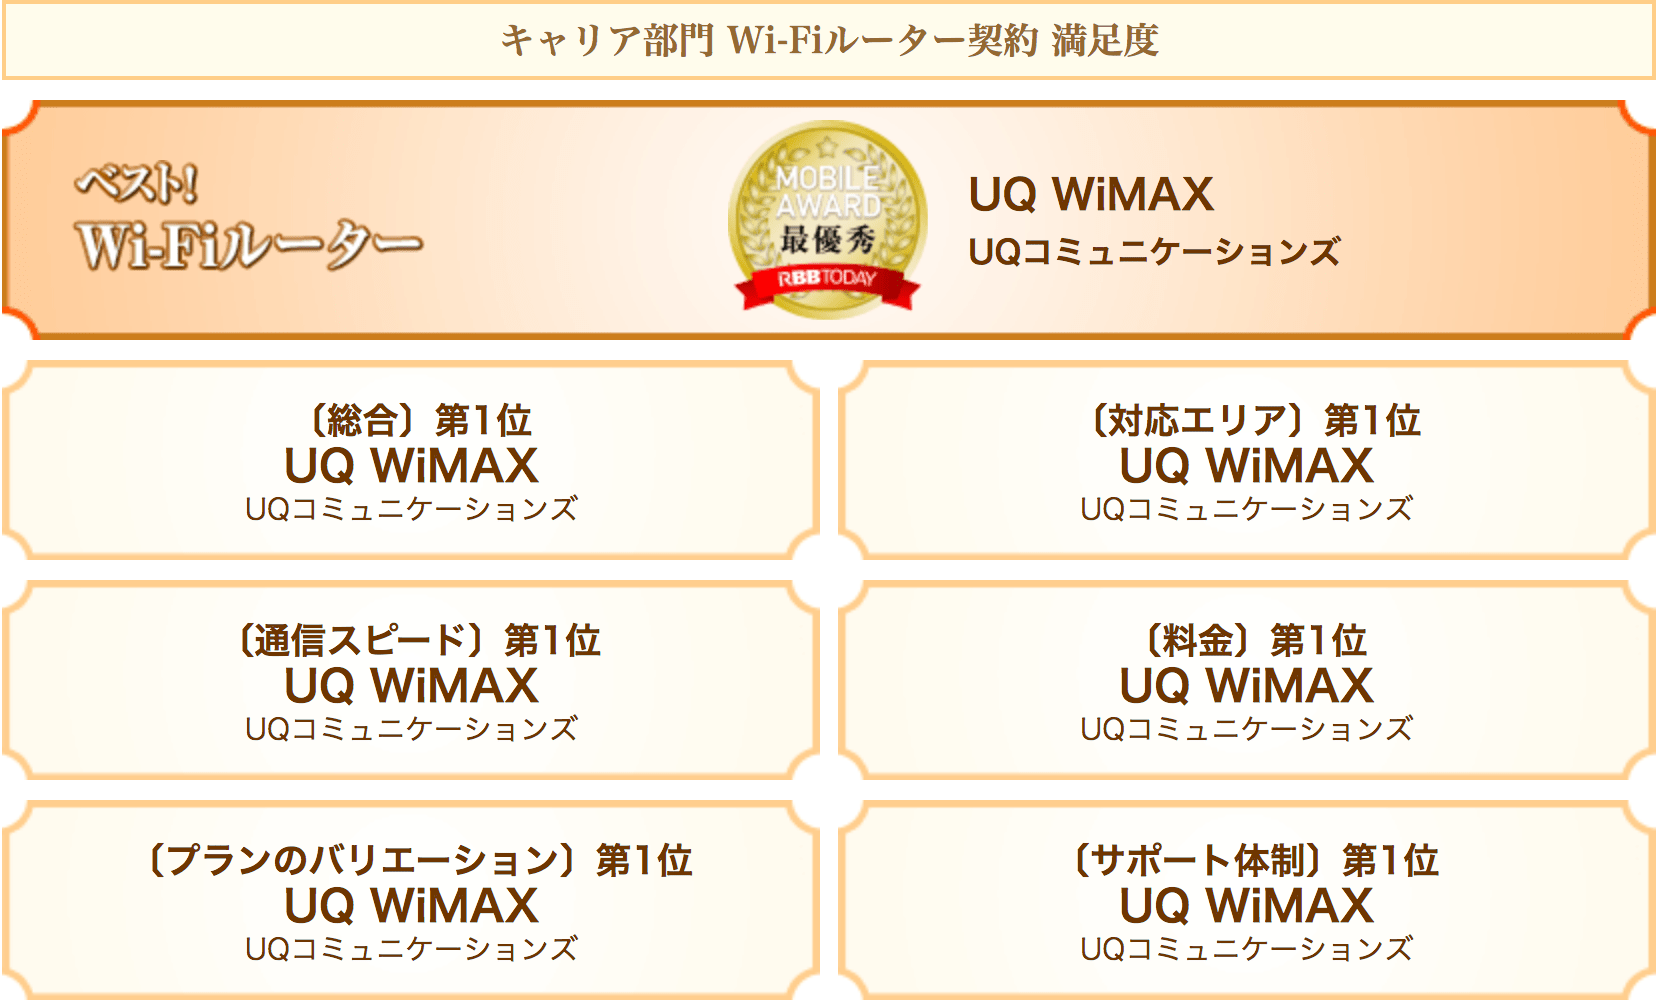 モバイルアワードでWiMAXが速度1位を受賞した画像